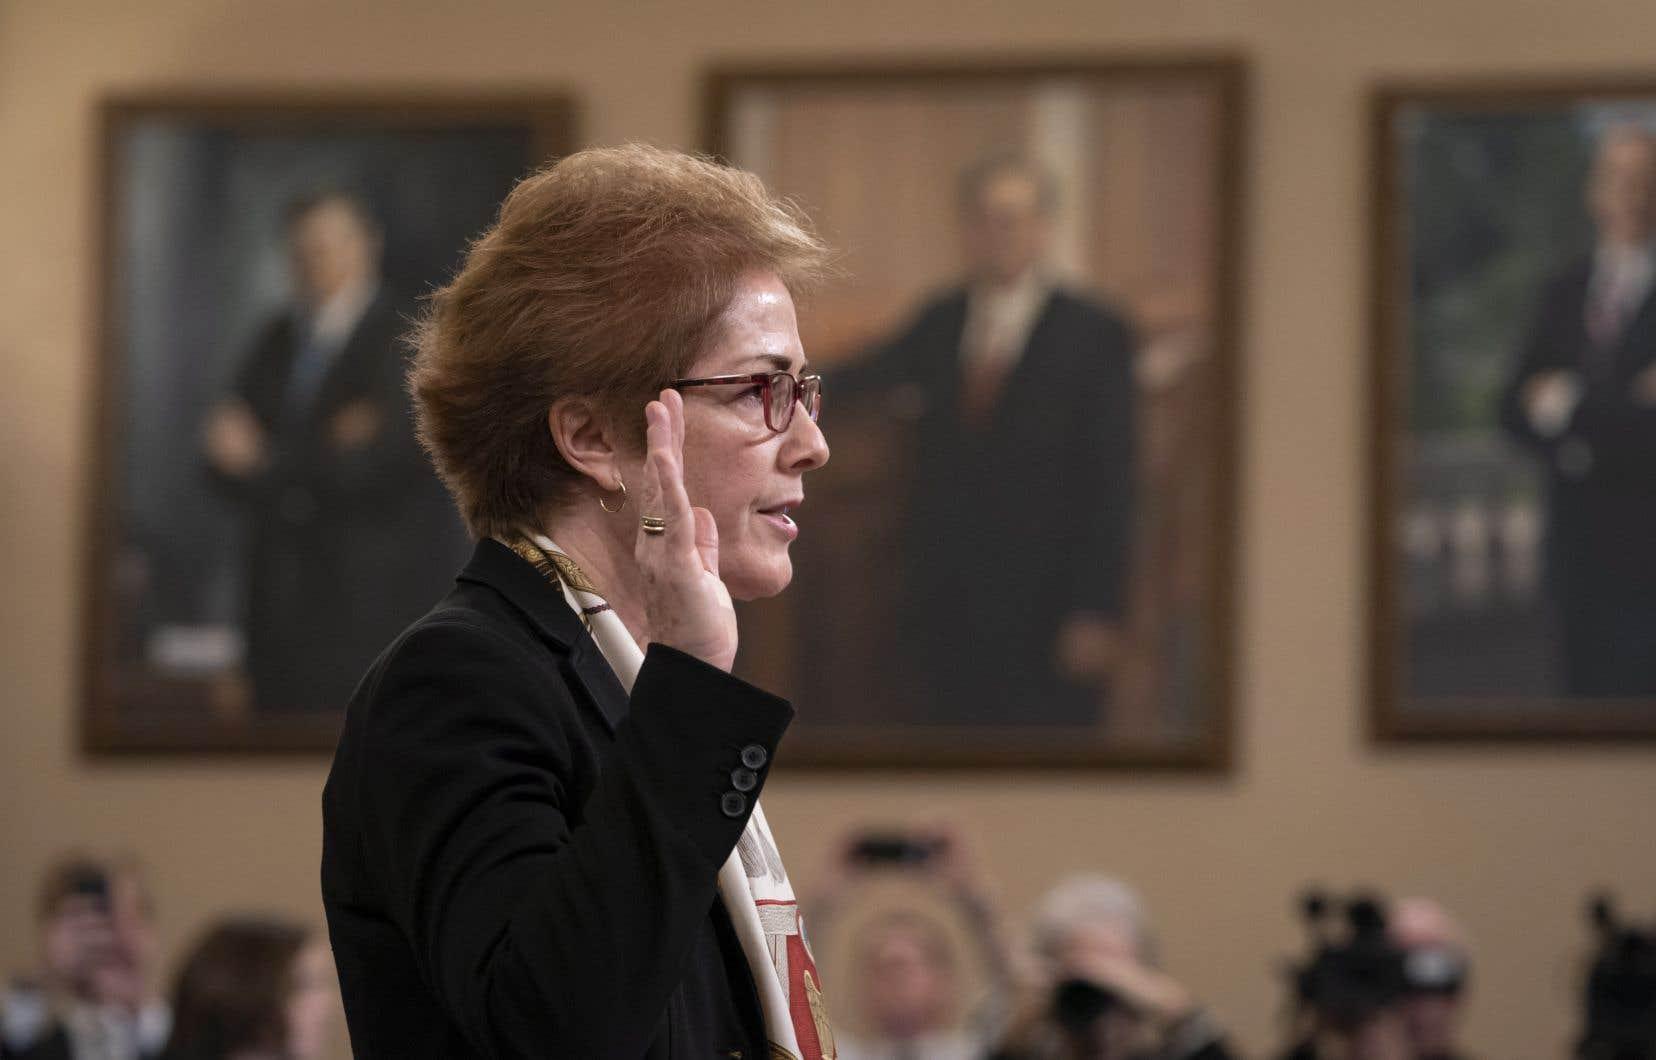 Marie Yovanovitch, une diplomate de carrière, a été rappelée en urgence en mai à Washington après avoir fait l'objet d'une campagne de dénigrement menée notamment par l'avocat personnel de Donald Trump, Rudy Giuliani.